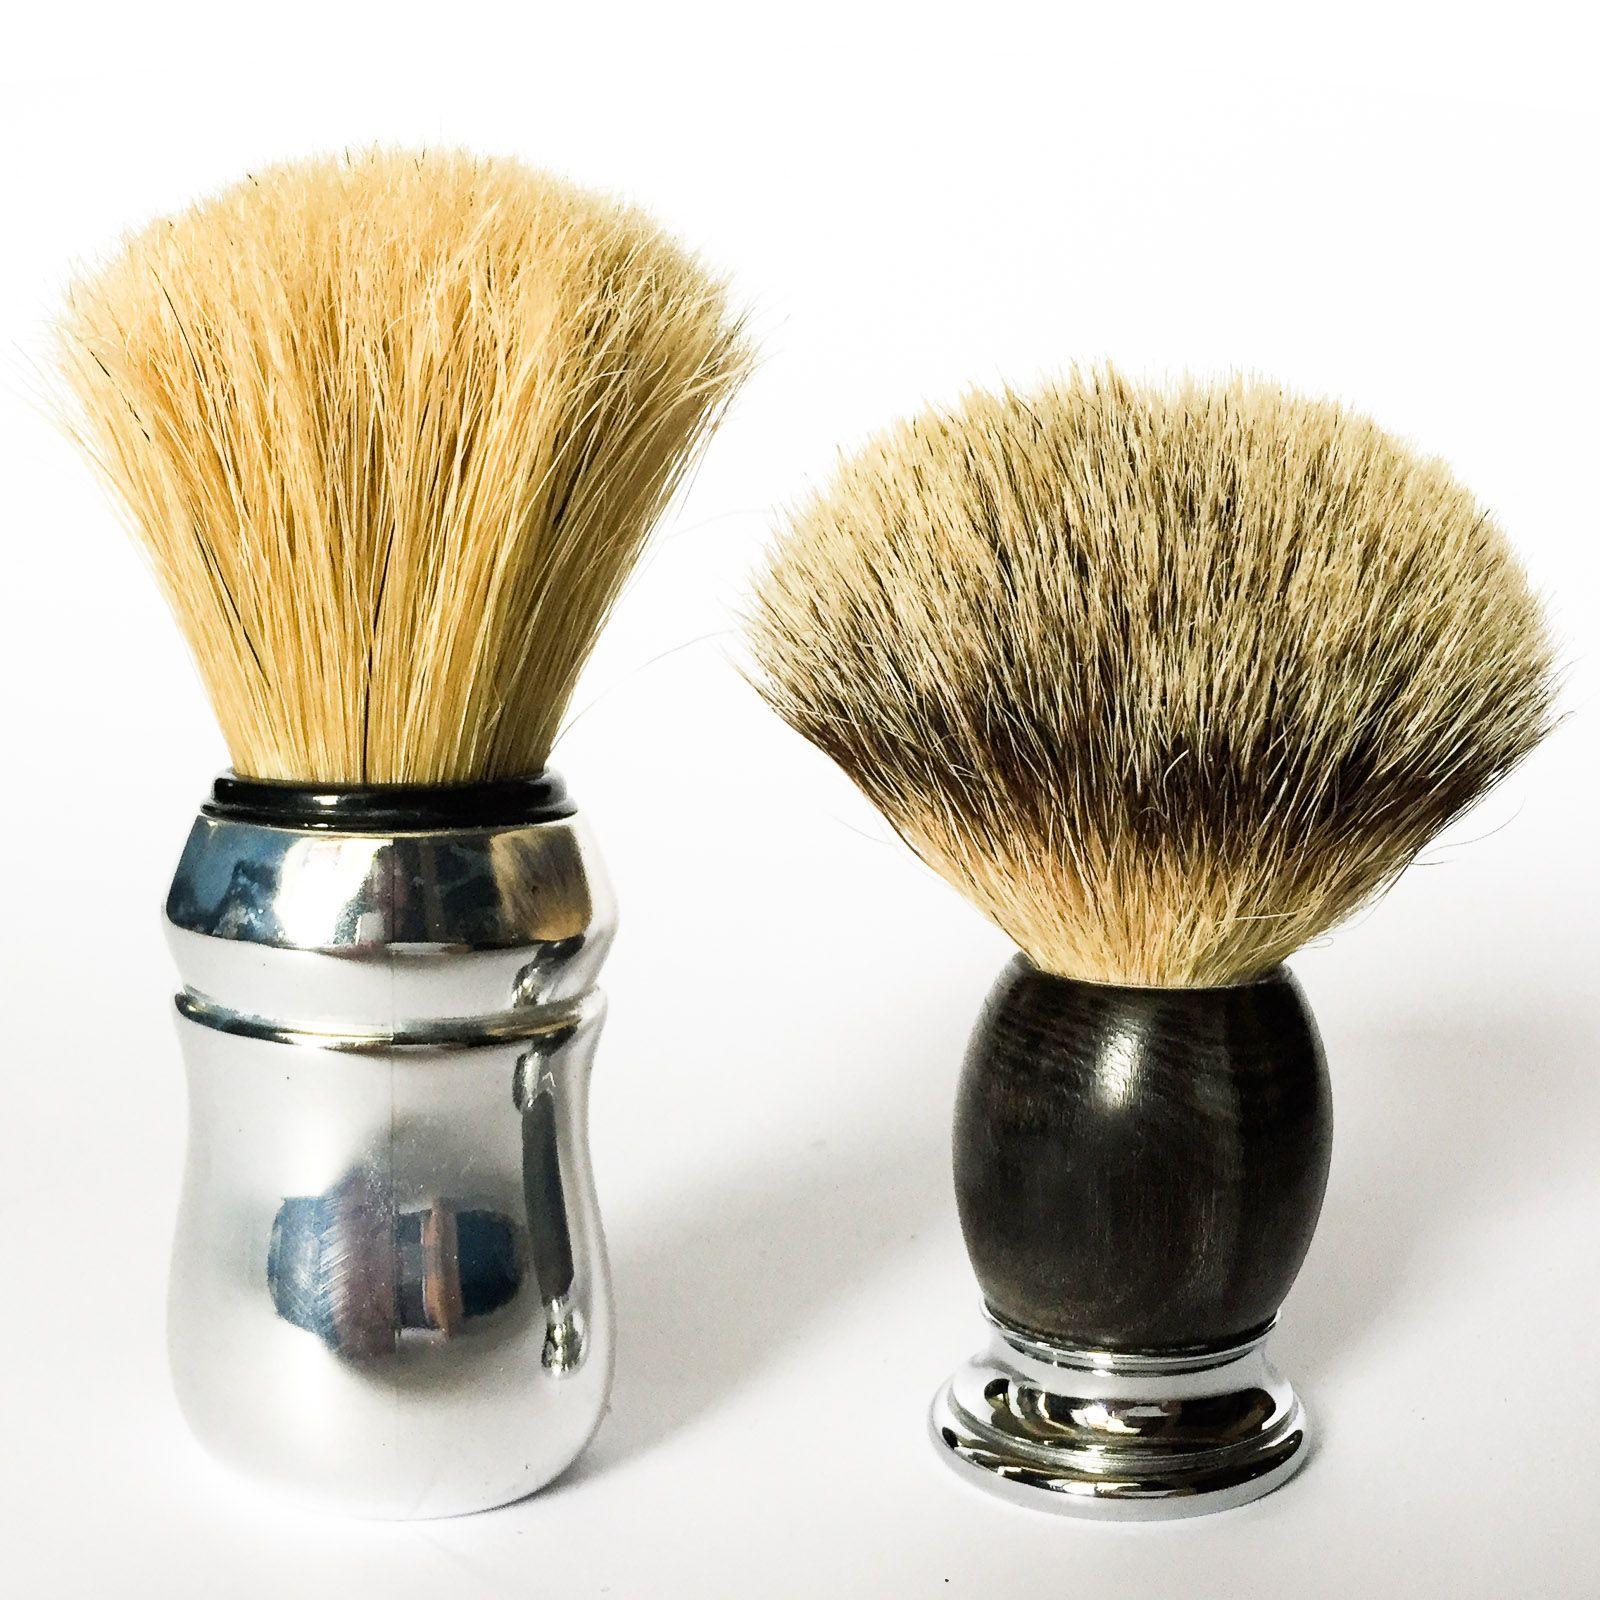 Pędzel Proraso w porównaniu z Mühle Sophist Silvertip Badger Brush